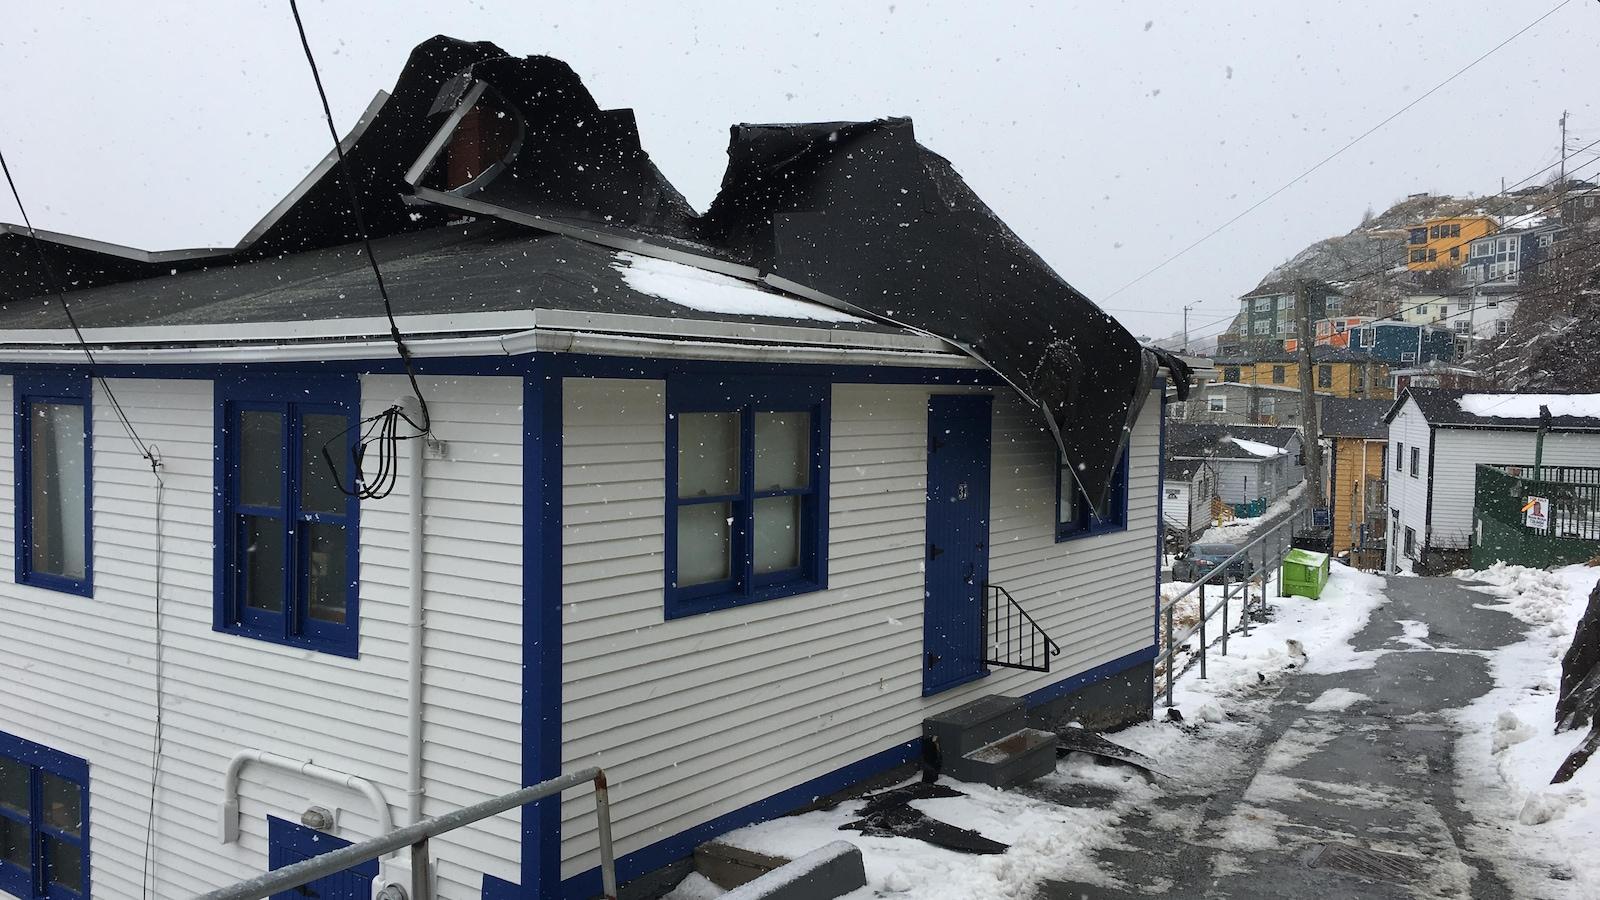 La toiture de la maison de Judith Adler a été endommagée.